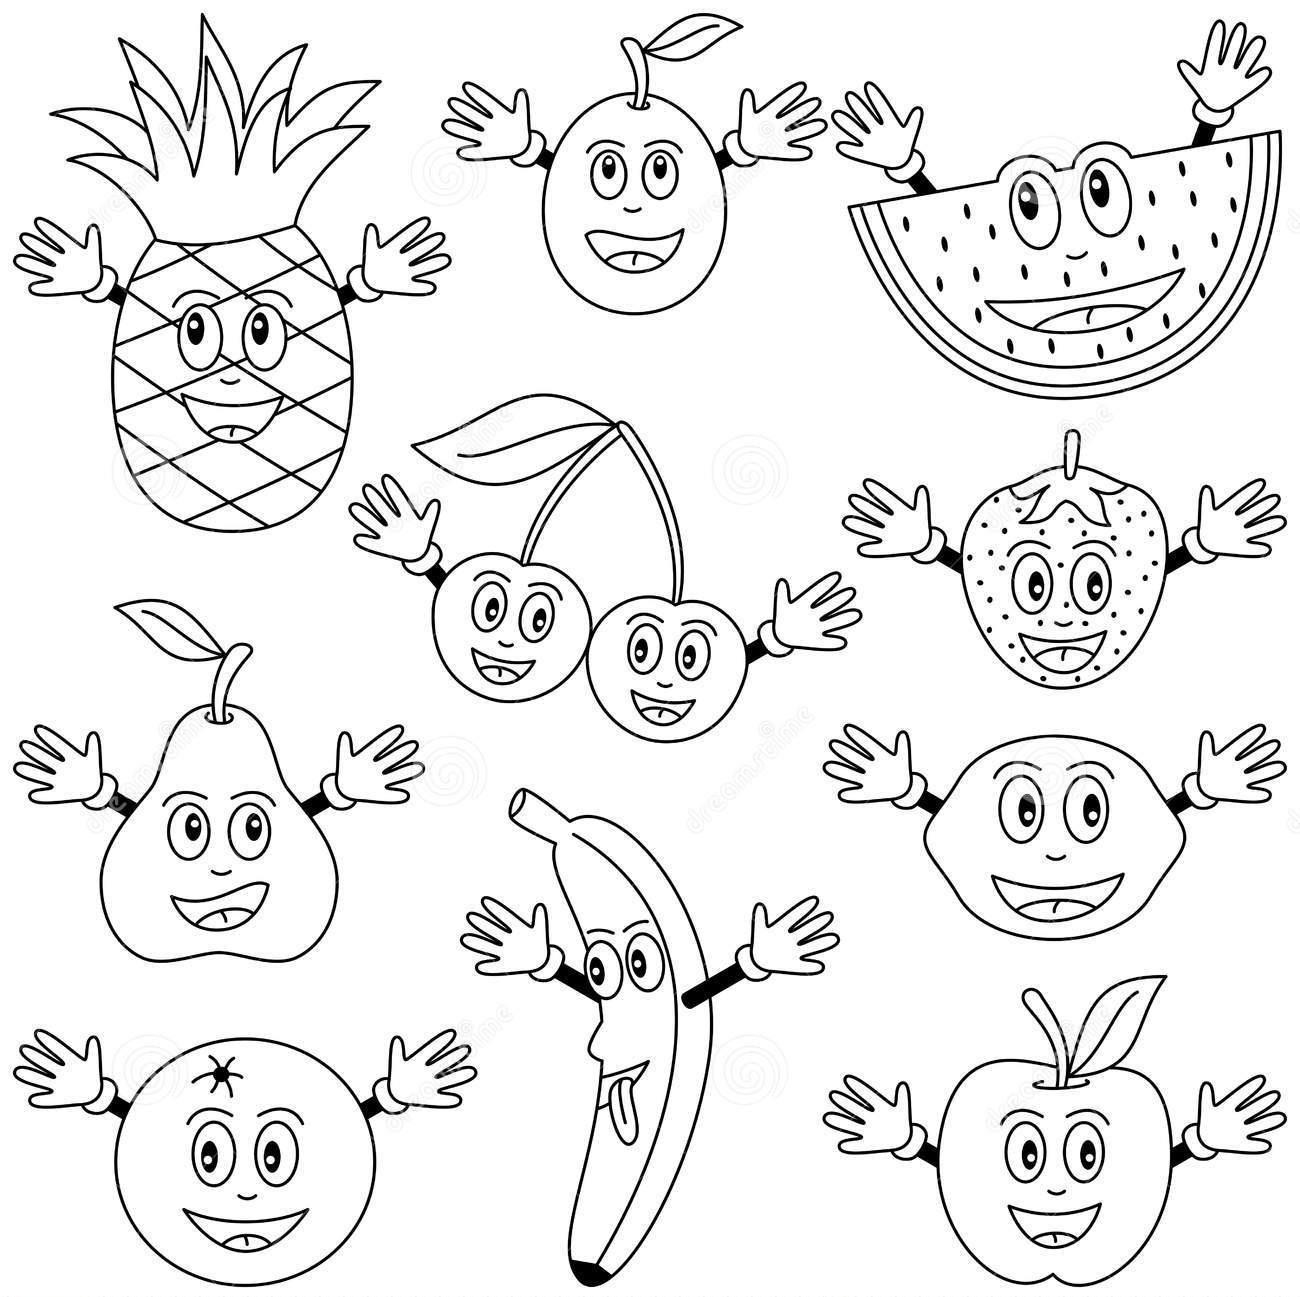 Fruits Vegetables Crafts And Worksheets For Preschool Toddler